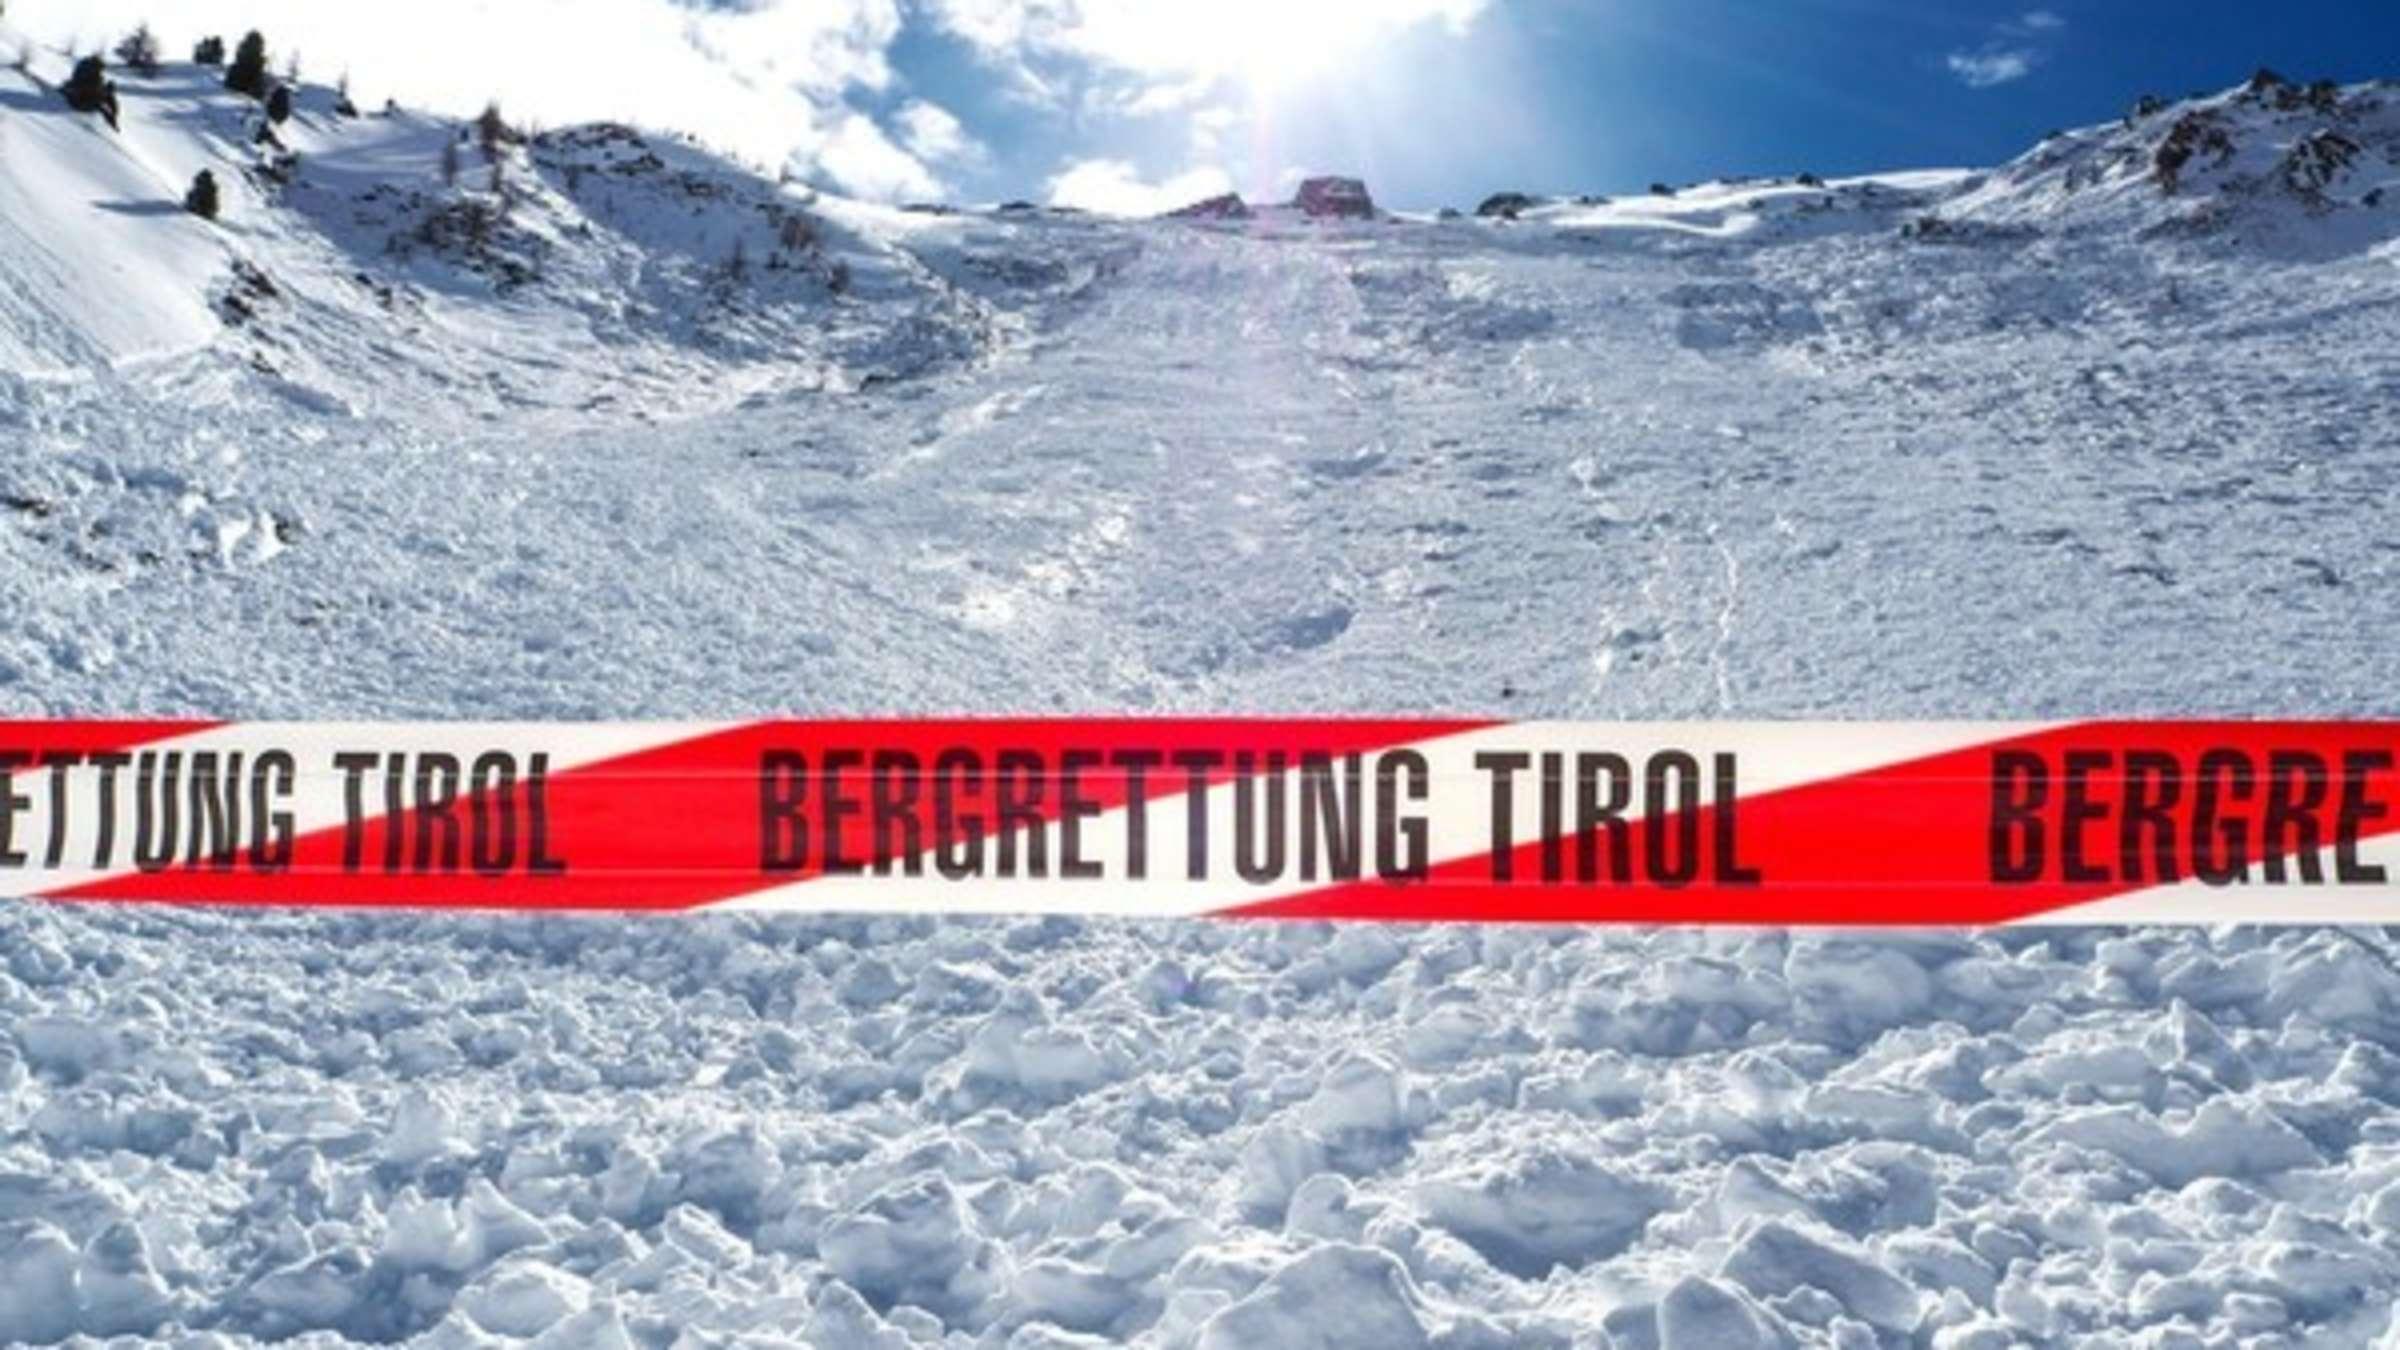 Kontaktanzeigen in Matrei in Osttirol bei Lienz und Kontakte